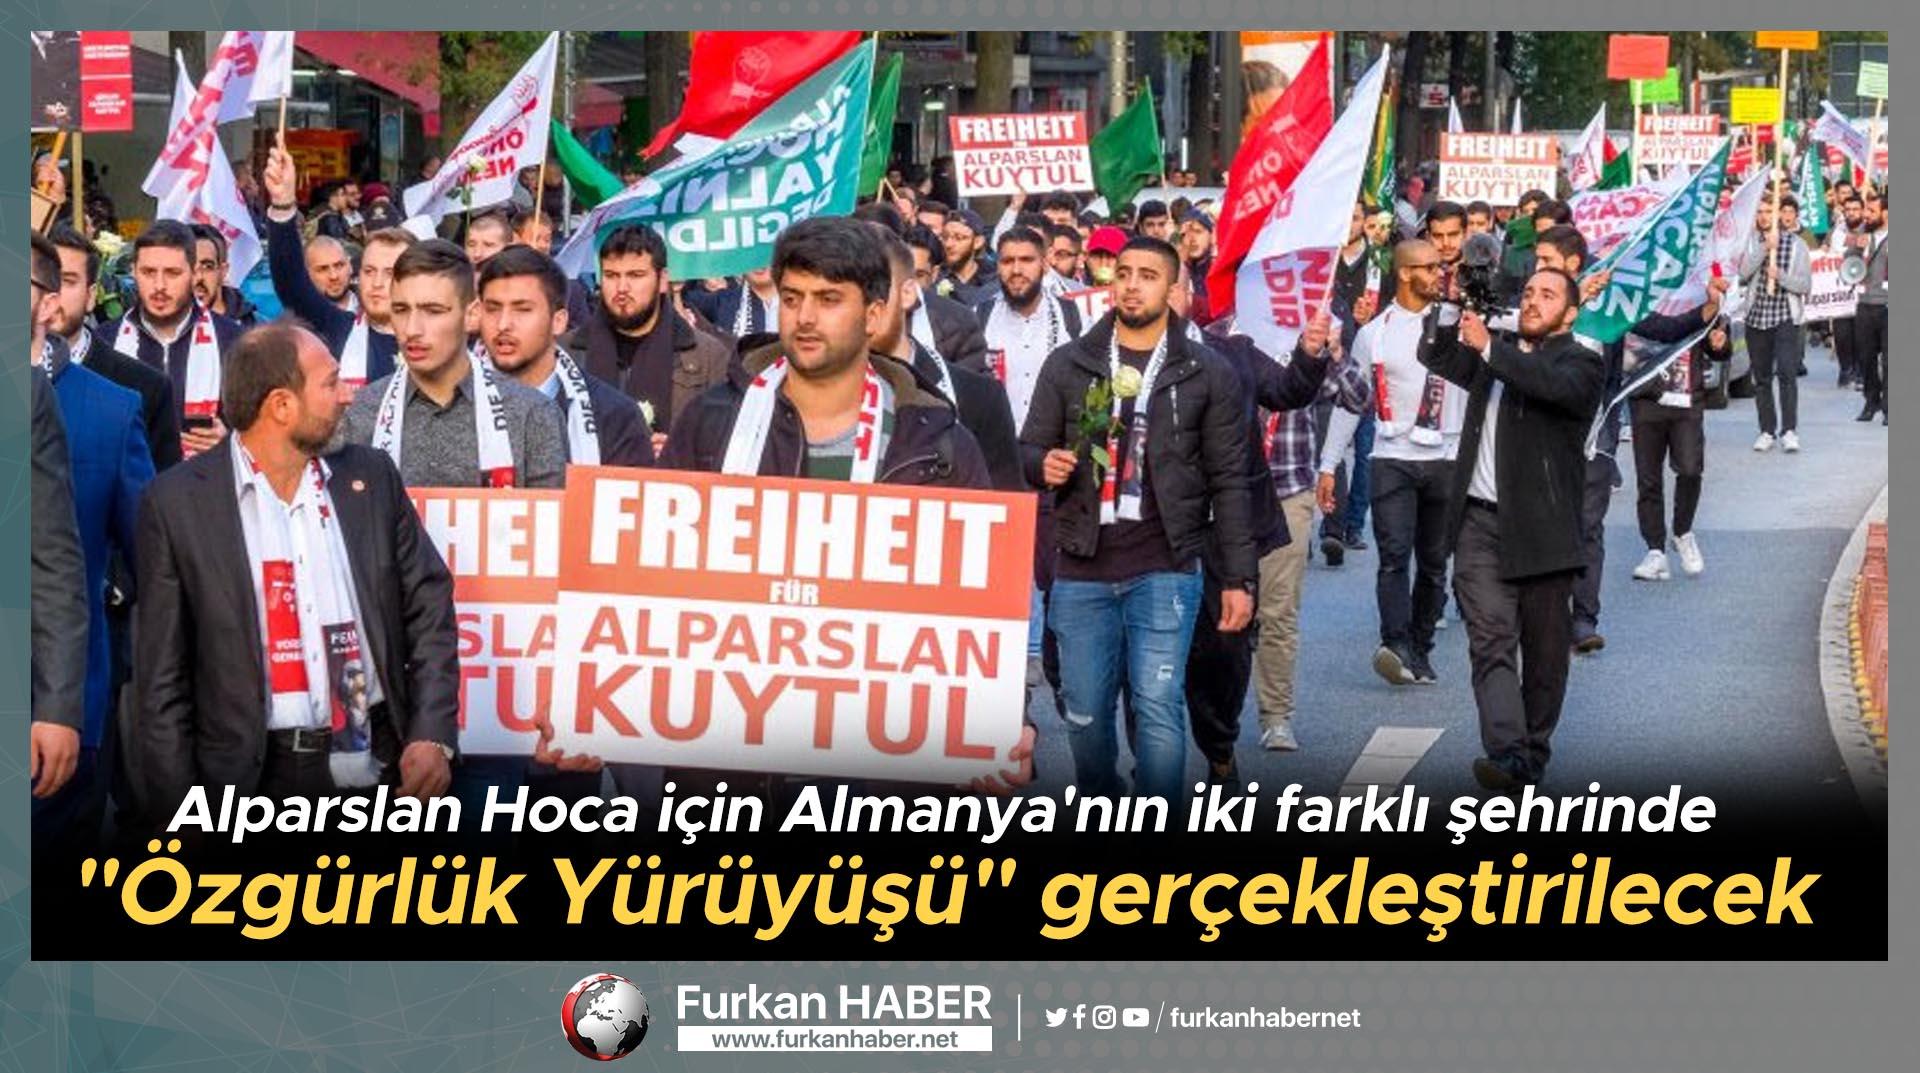 """Alparslan Hoca için Almanya'nın iki farklı şehrinde """"Özgürlük Yürüyüşü"""" gerçekleştirilecek"""